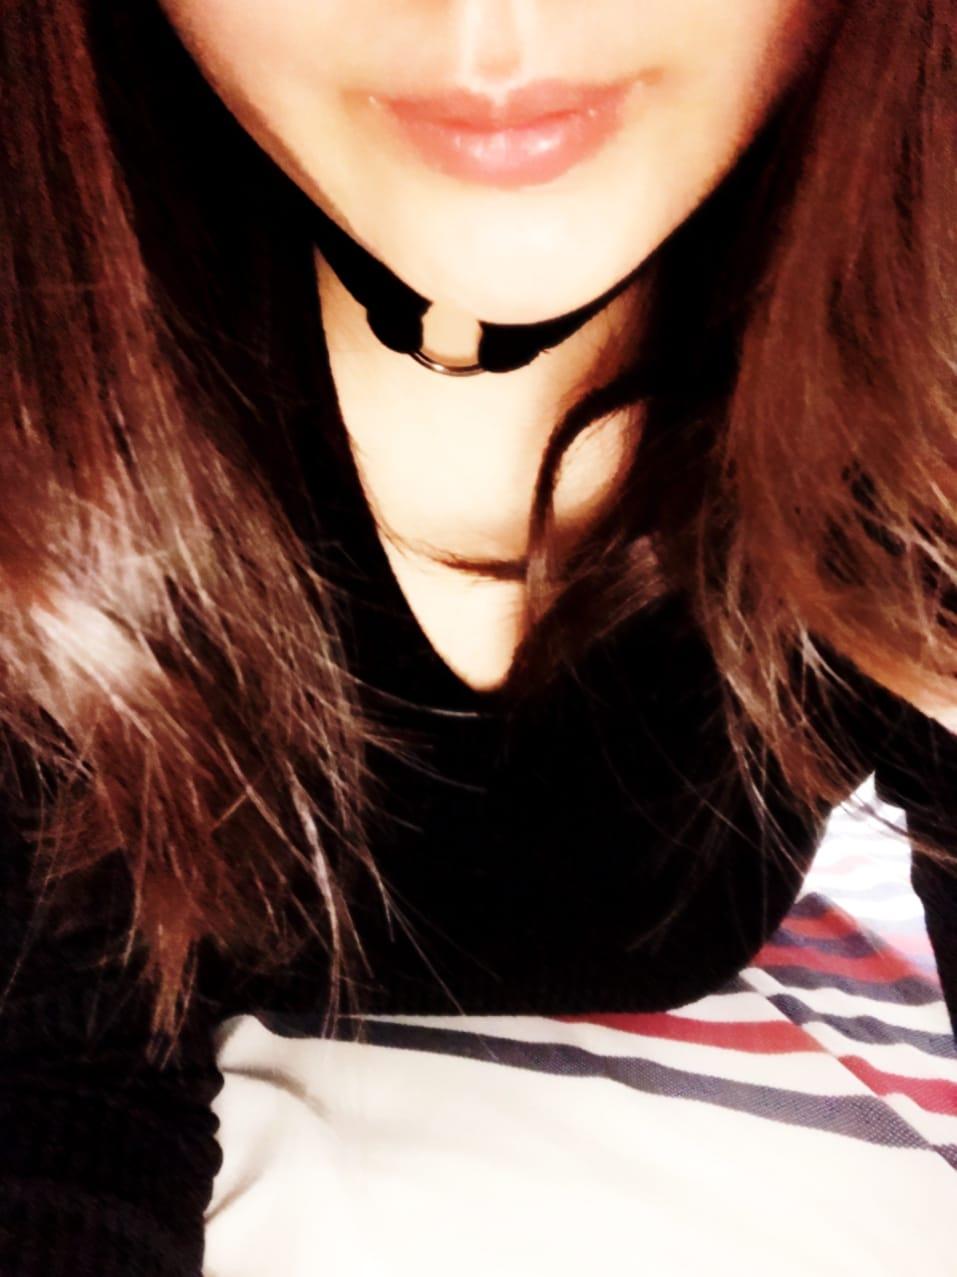 こころ☆ふわふわパイ「こんにちは(ˊ•̤ω•̤ˋ)」02/15(木) 16:51 | こころ☆ふわふわパイの写メ・風俗動画